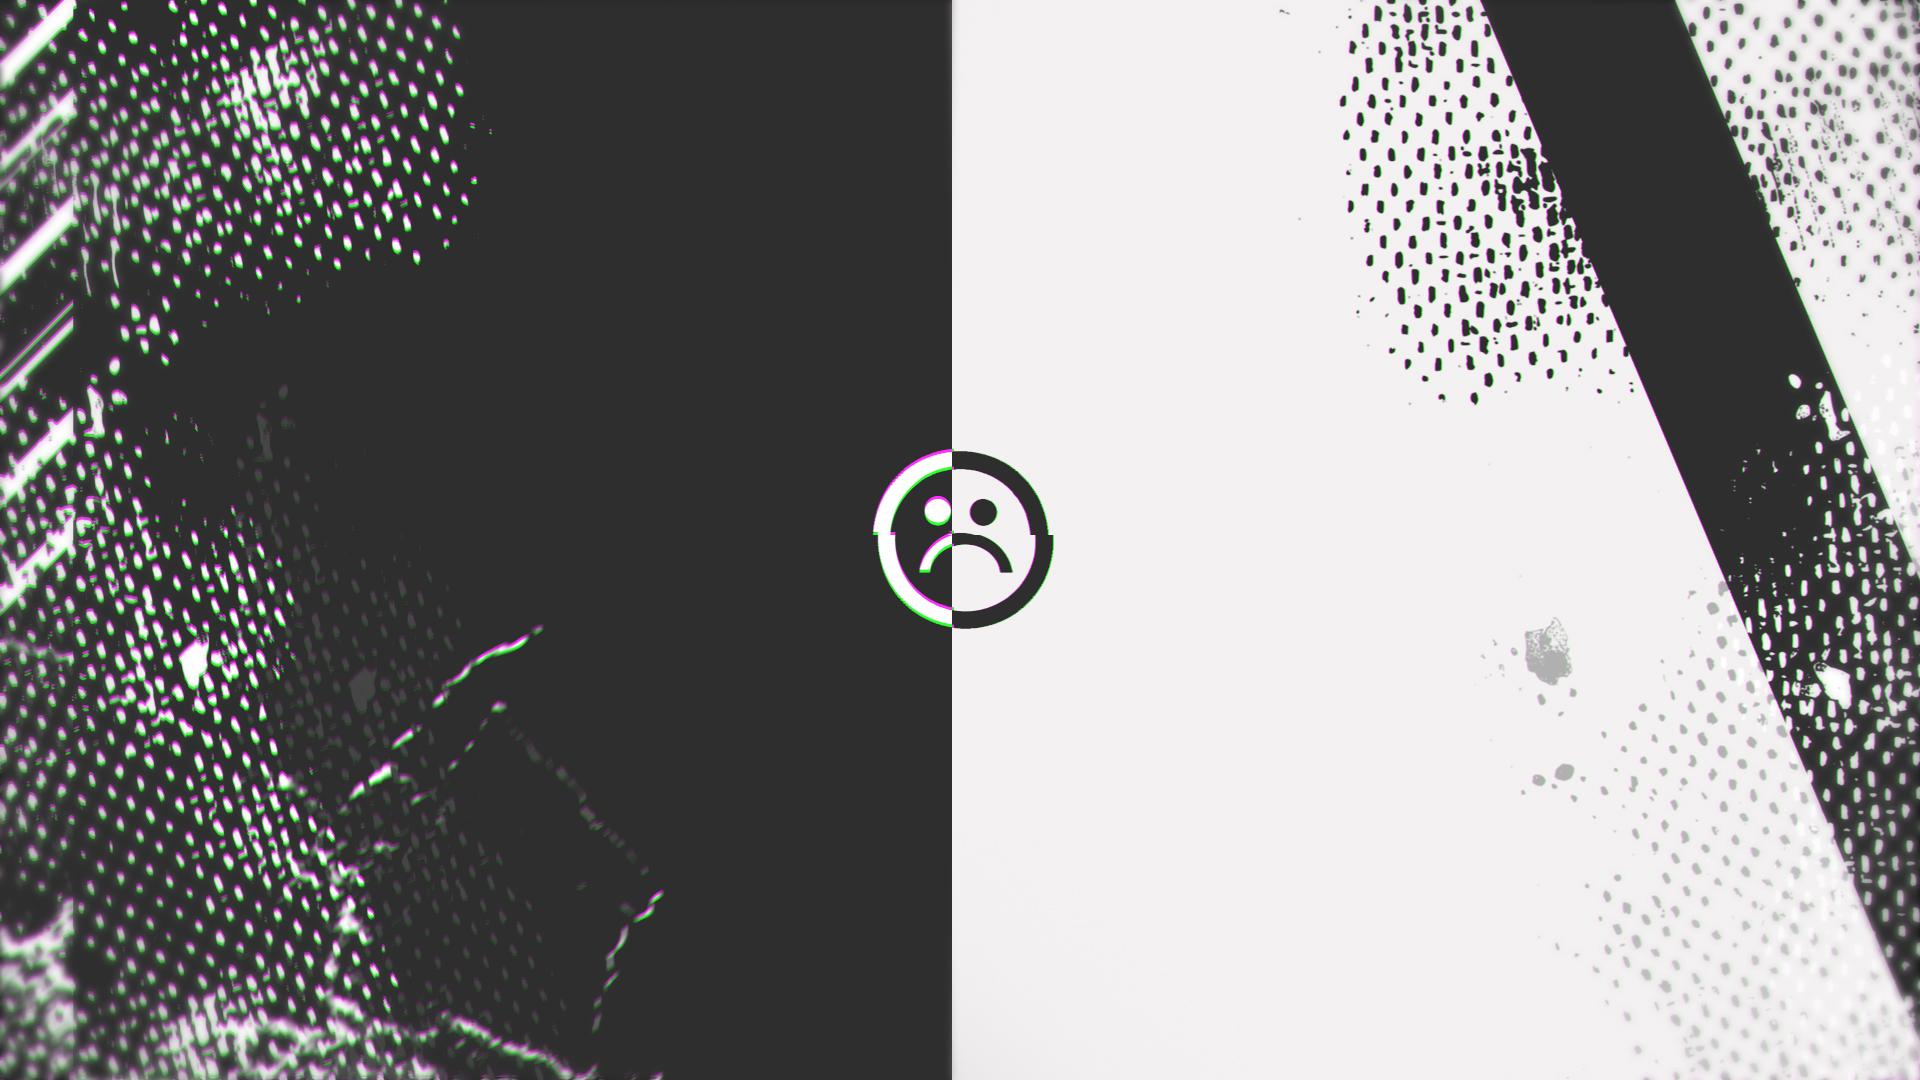 Abstract Glitch Sad Face Full Hd Desktop Wallpaper Papel De Parede